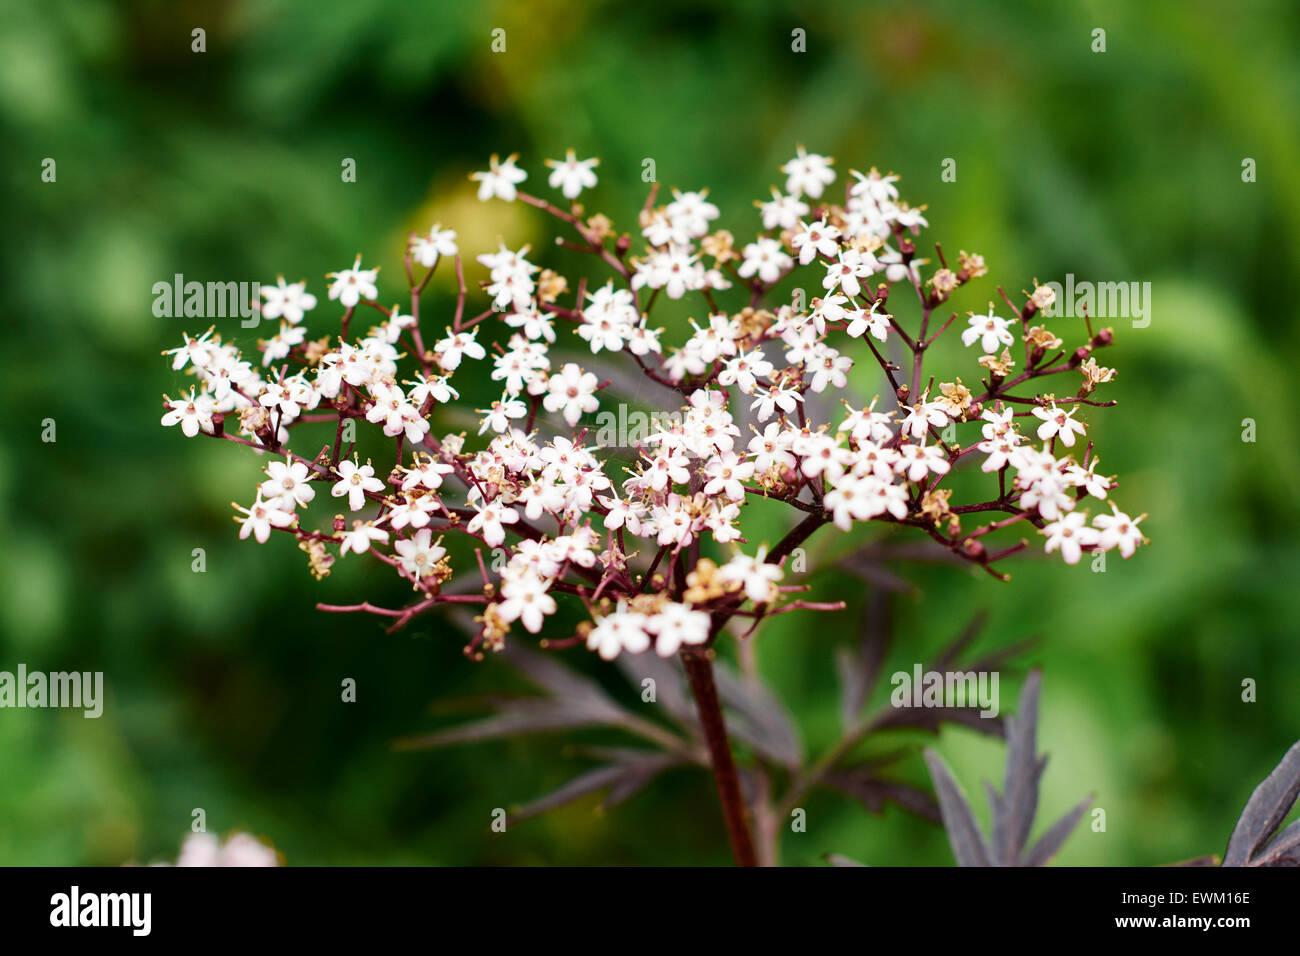 Rose minuscule flowes d'un bush sureau pourpre Banque D'Images